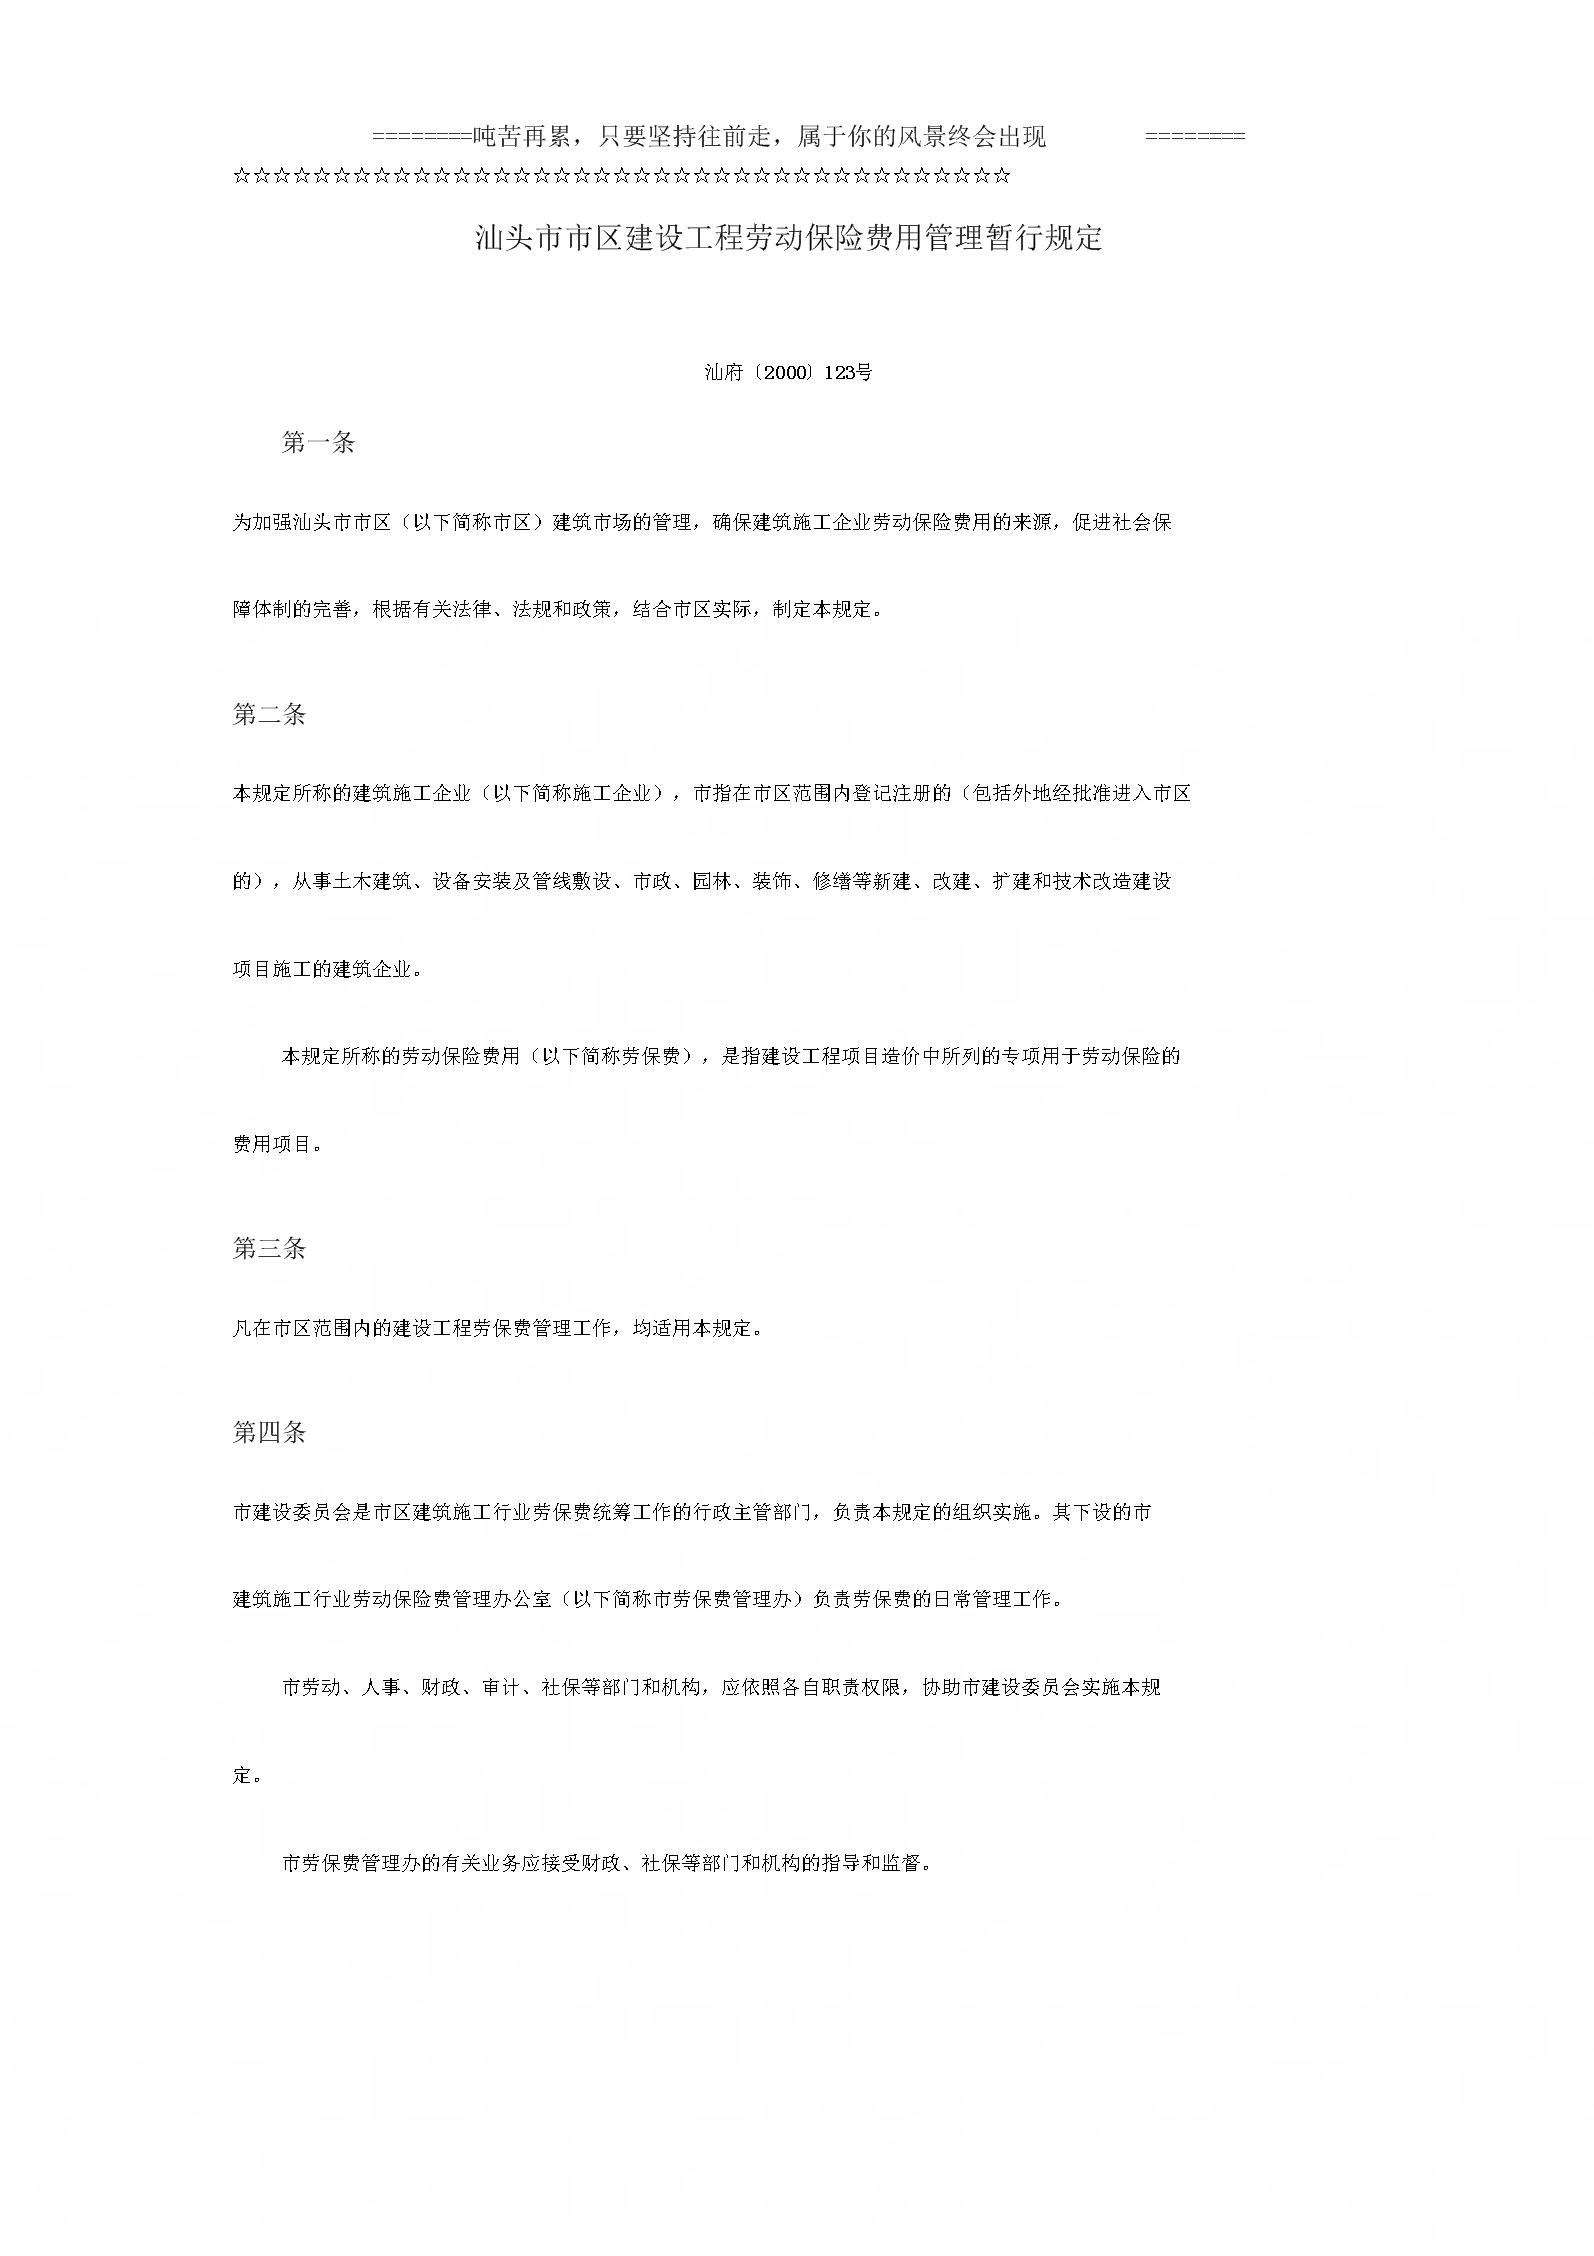 《汕头市市区建设工程劳动保险费用管理暂行规定》.docx